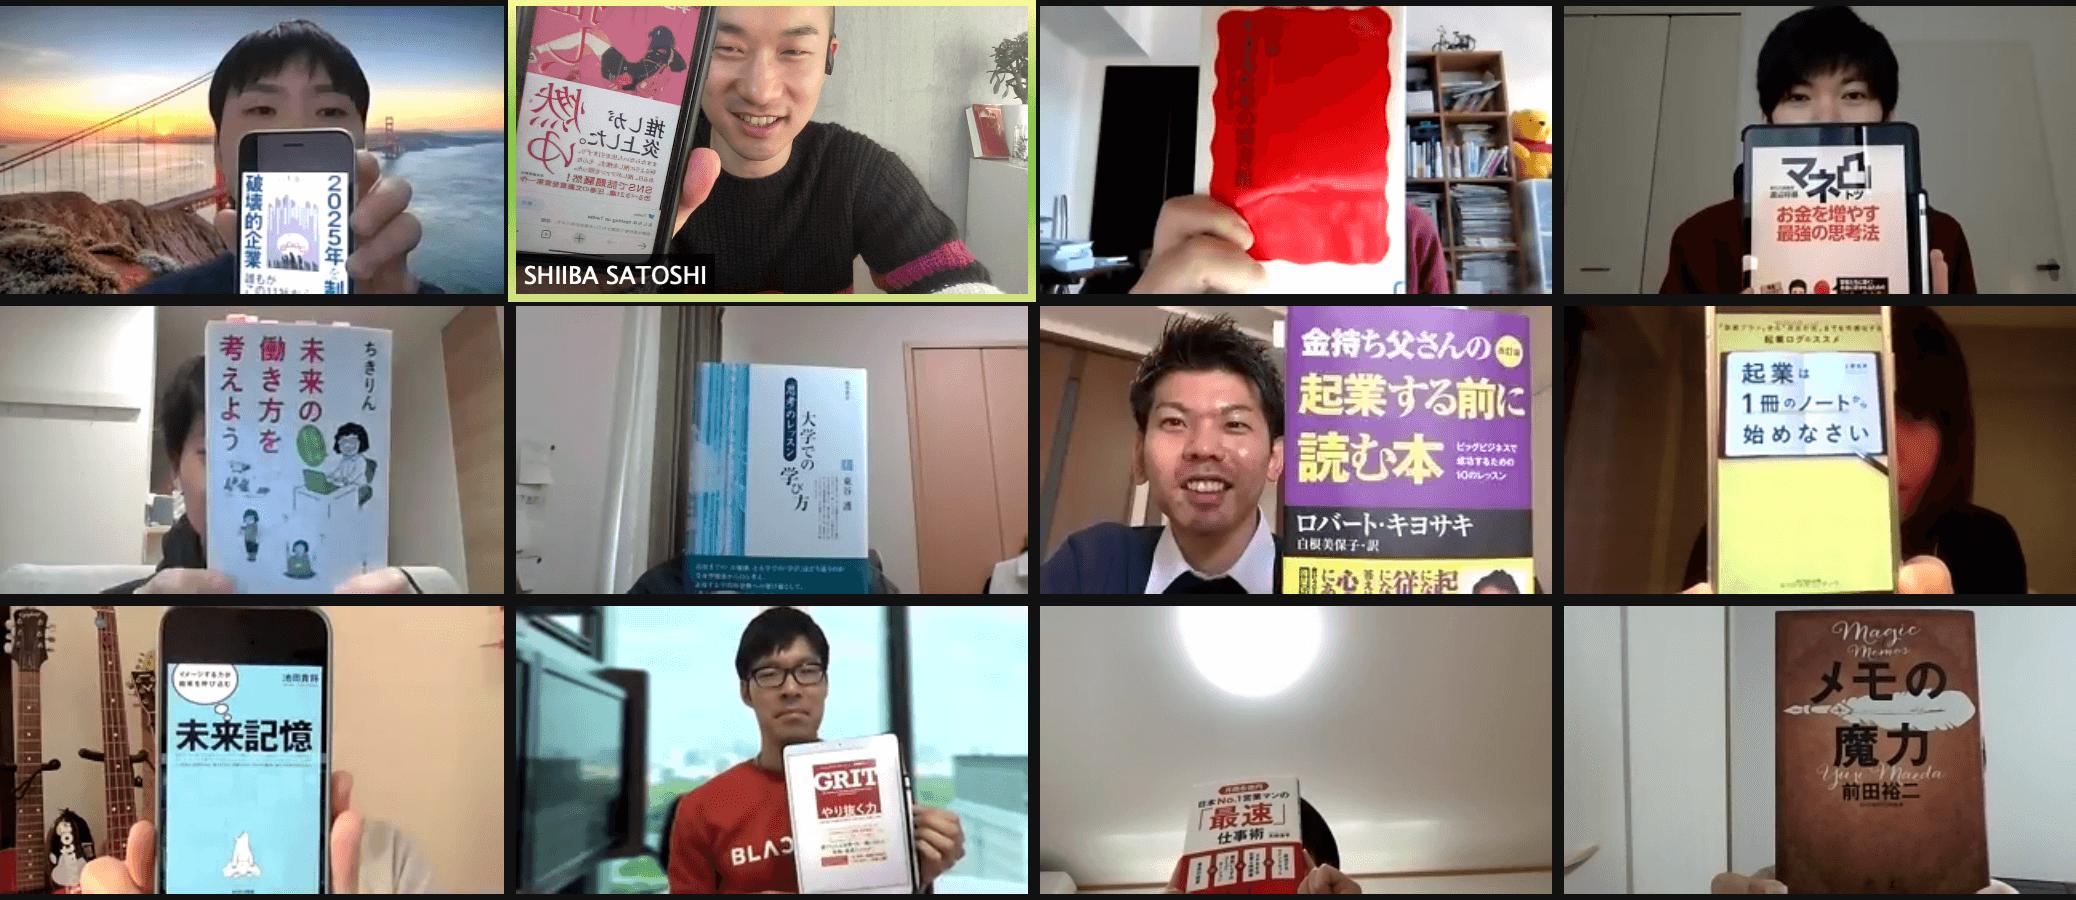 2021年01月30日 Zoomオンライン読書会の開催報告